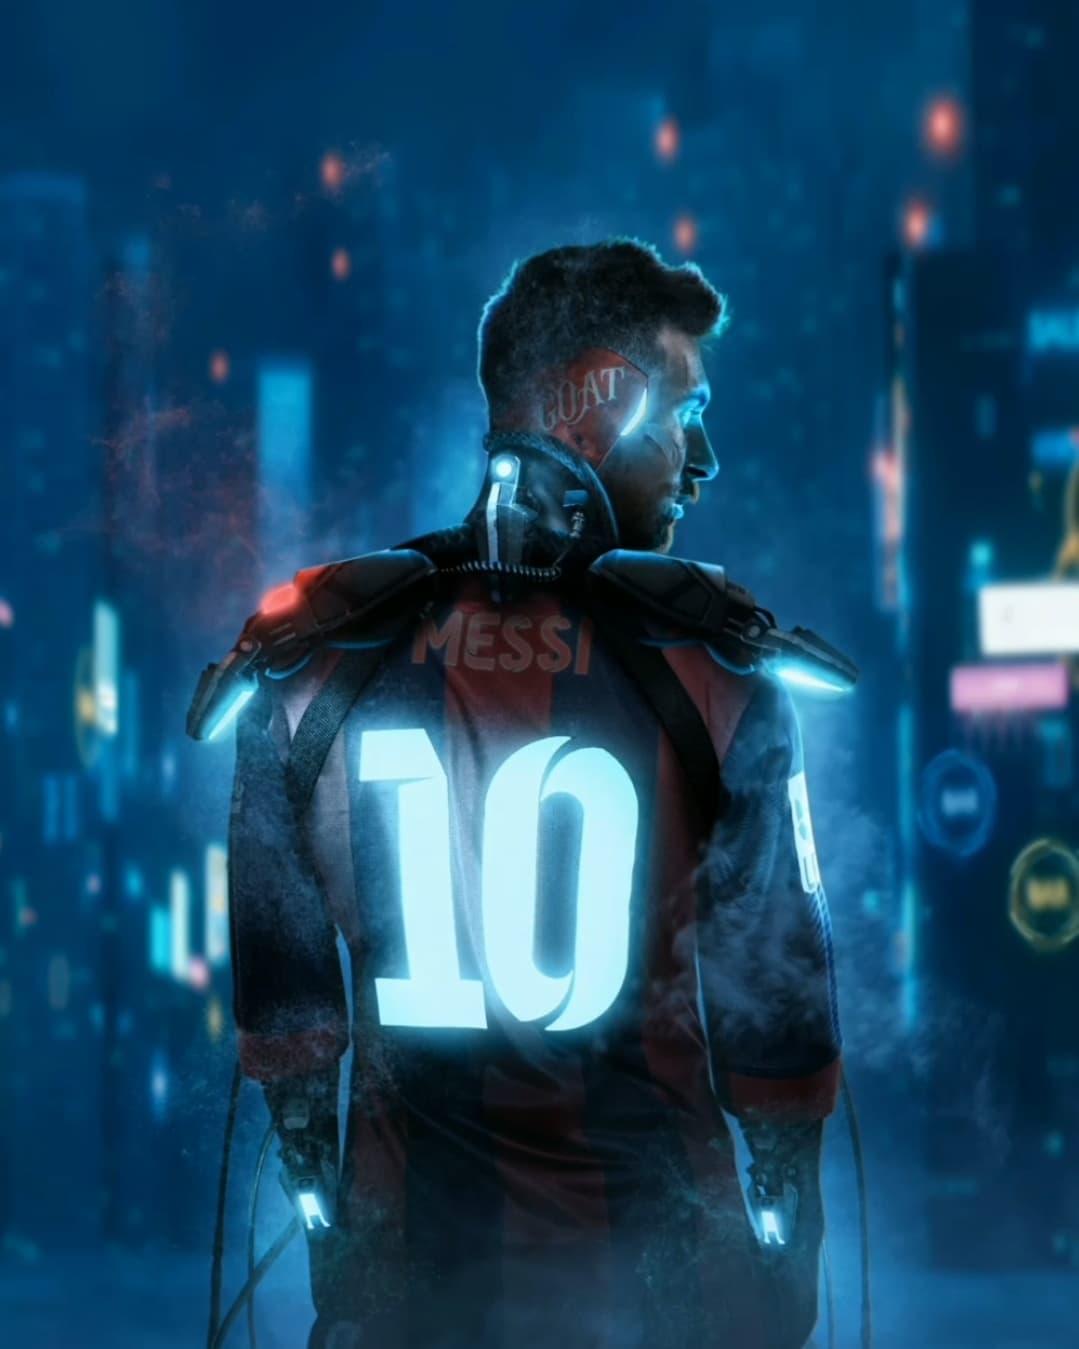 Một tác phẩm NFT về Messi. Ảnh: BossLogic.